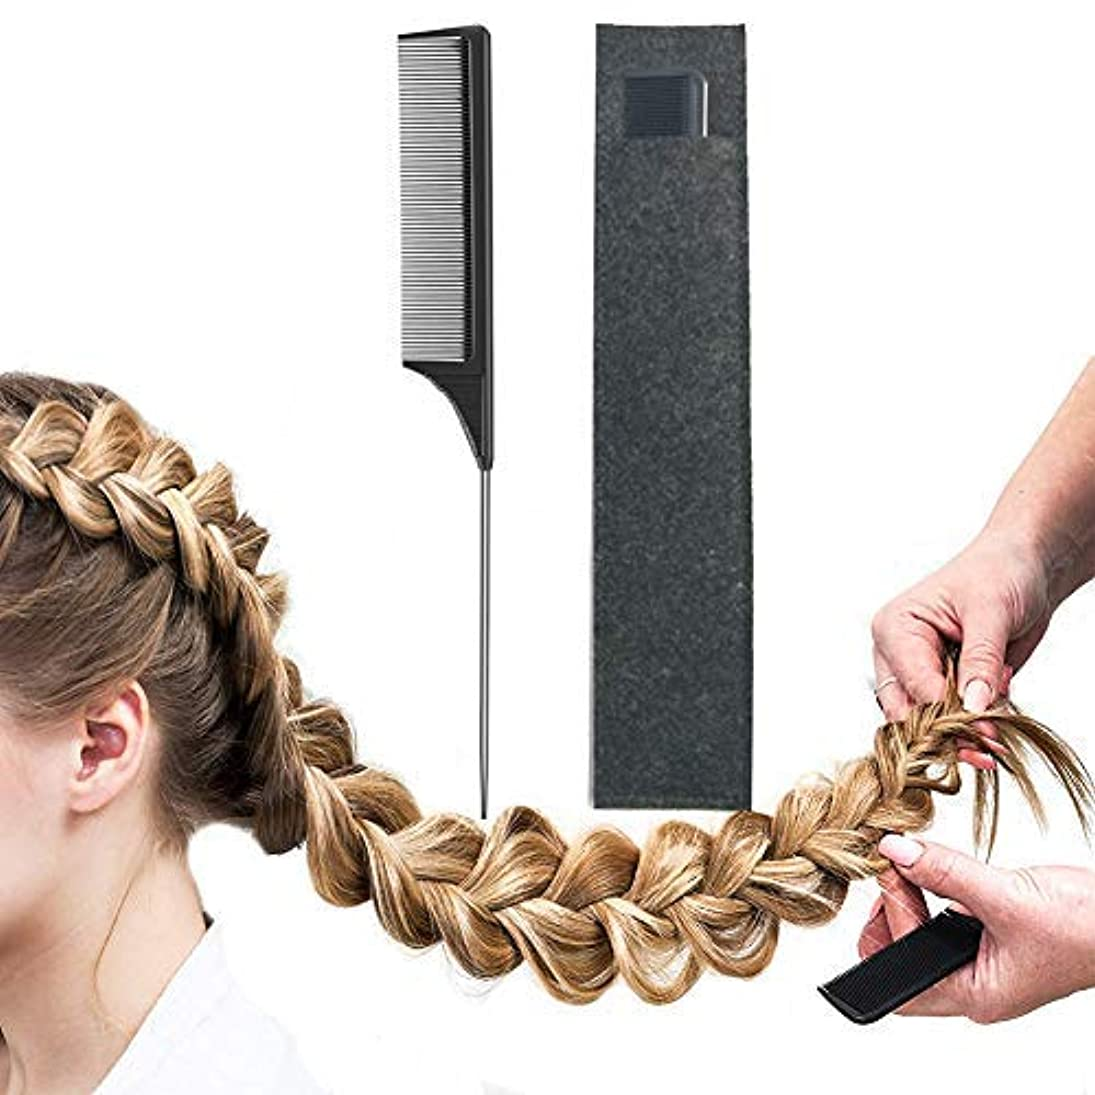 ローン減少幽霊Pintail Comb Carbon Fiber And Heat Resistant Teasing HairTail Combs Metal With Non-skid Paddle For Hair Styling...